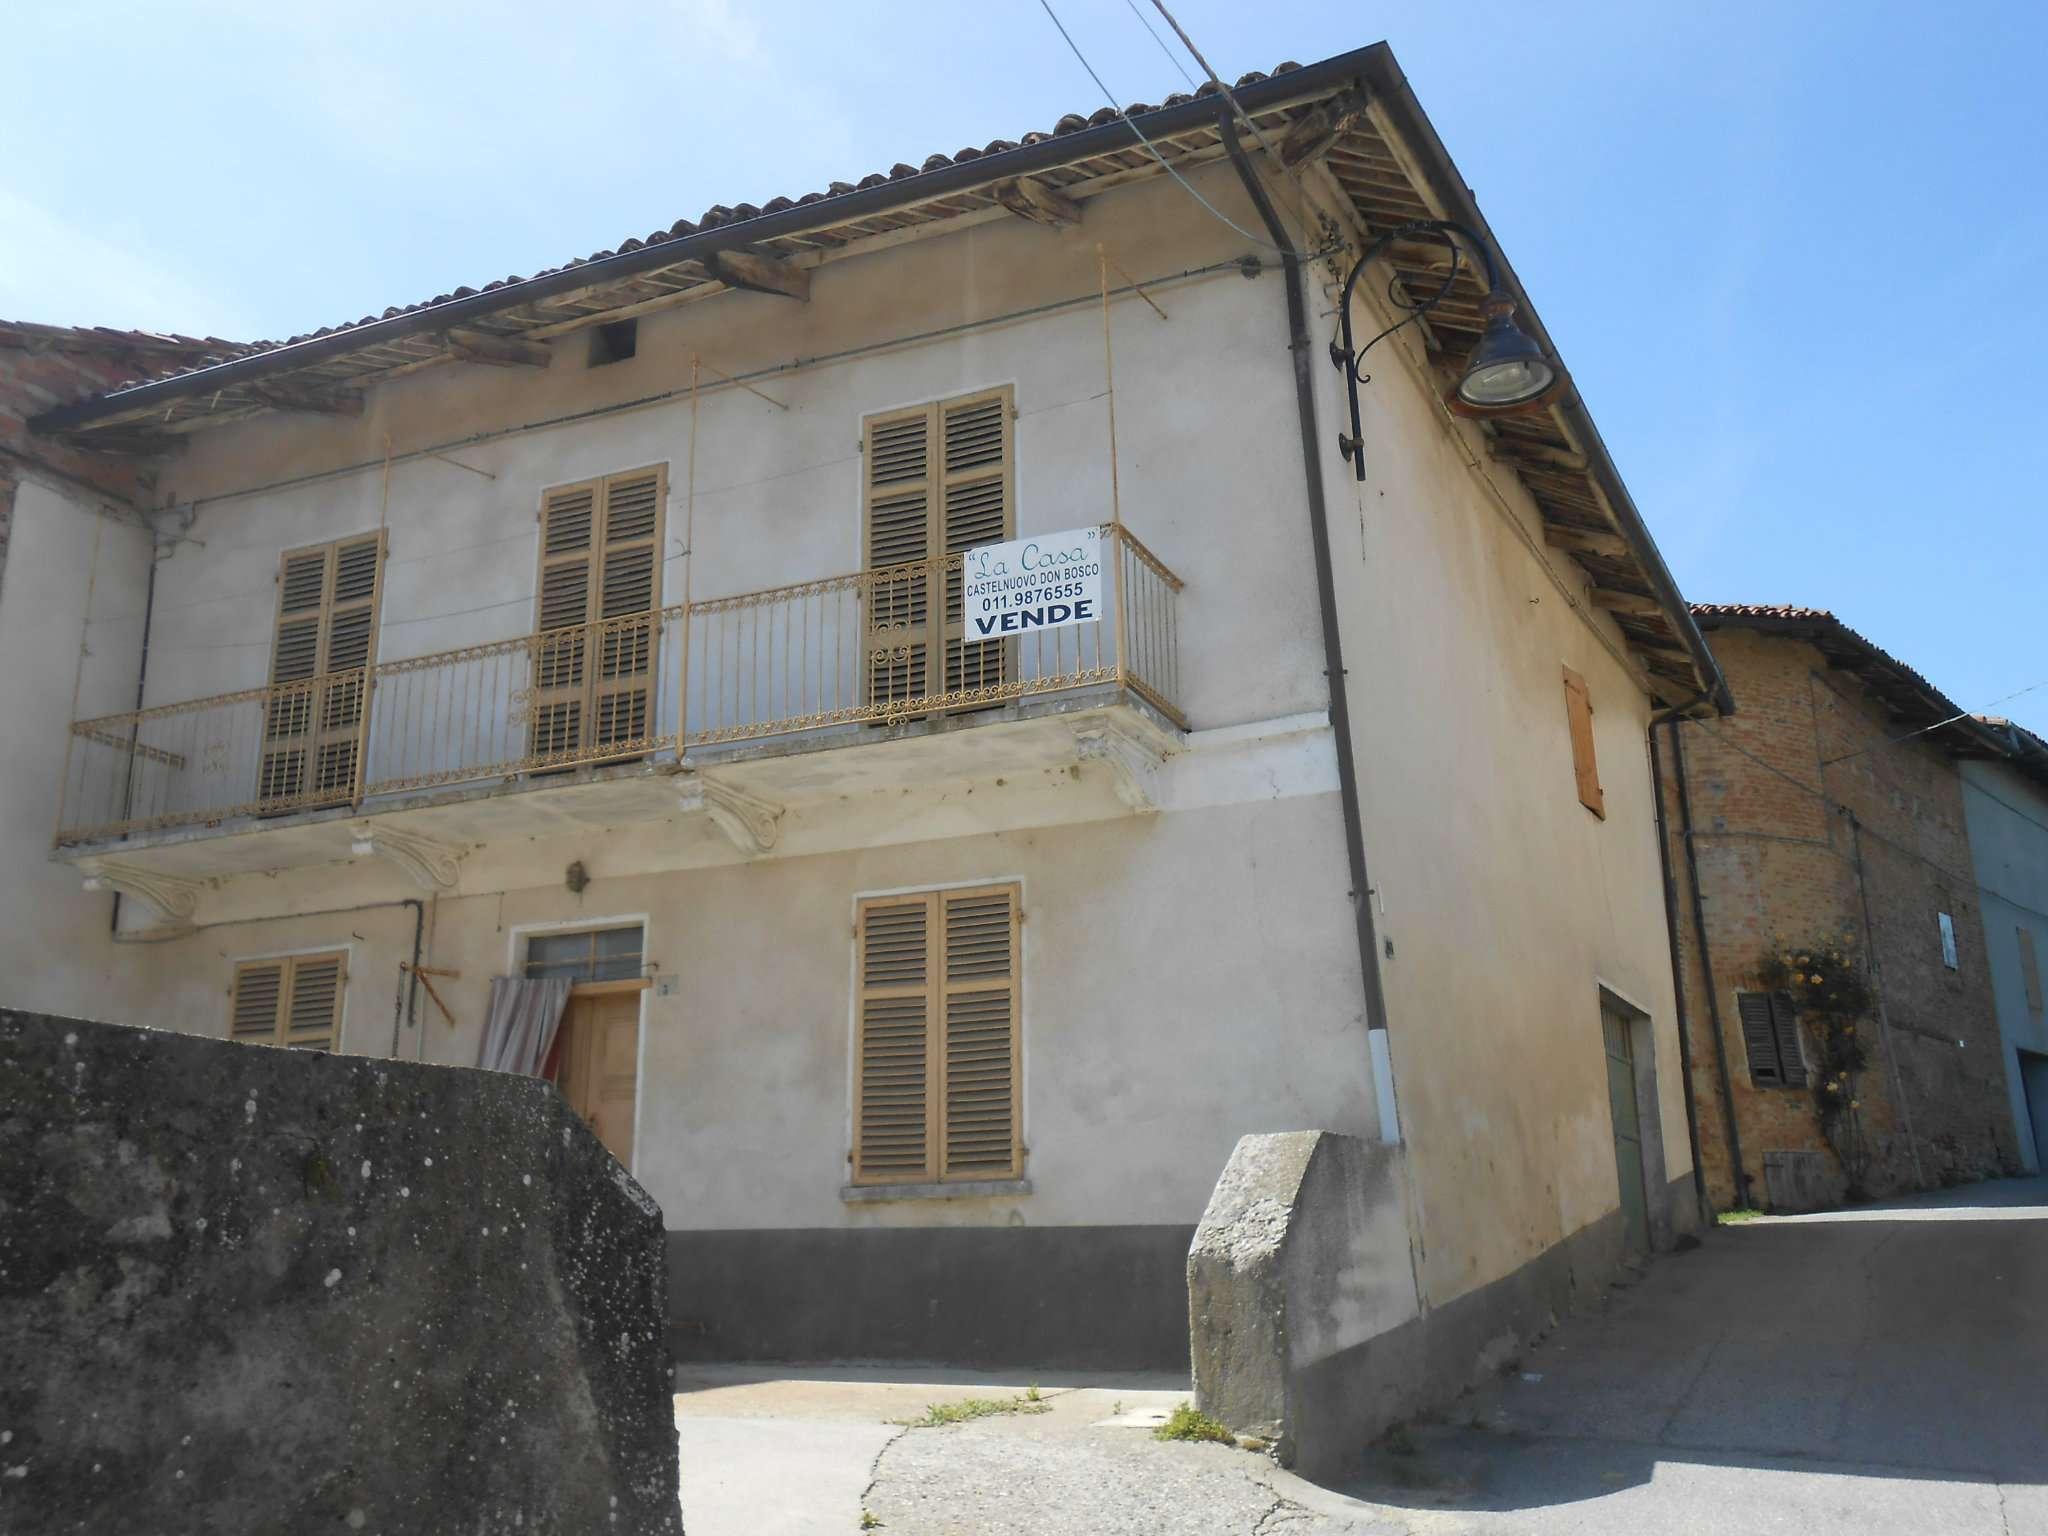 Soluzione Indipendente in vendita a Cerreto d'Asti, 12 locali, prezzo € 49.900 | CambioCasa.it